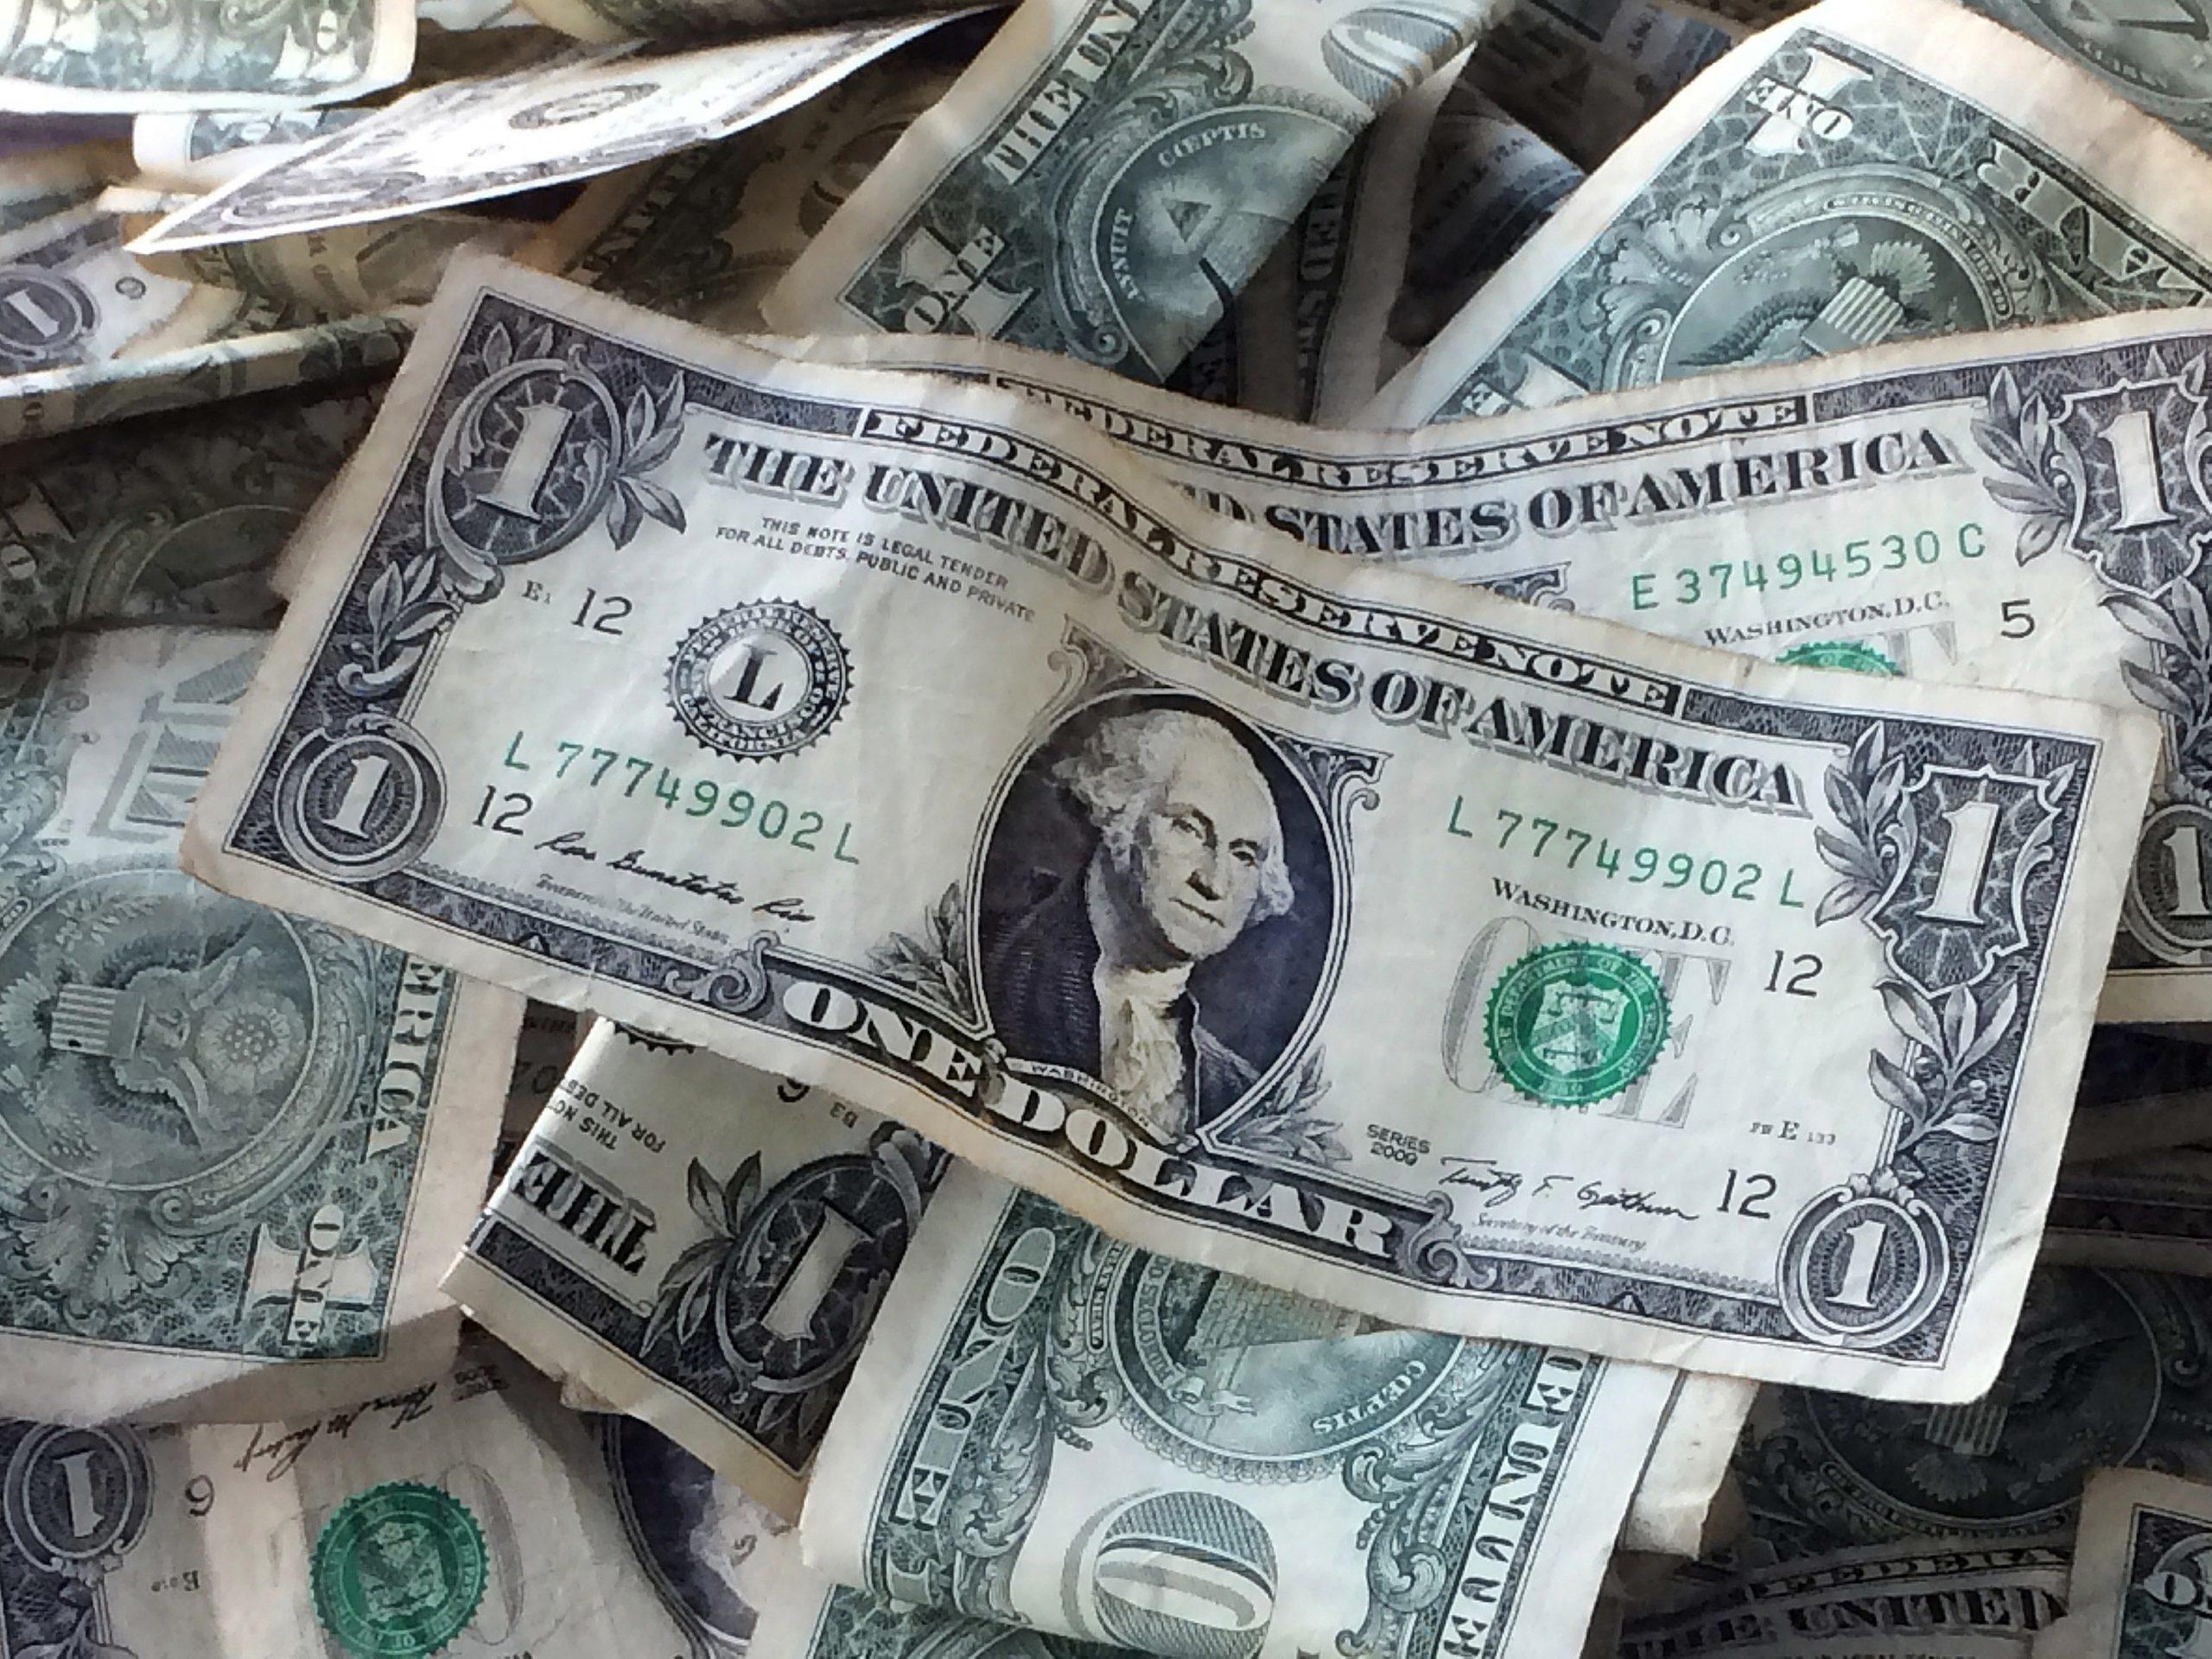 ตลาดทองคำนิวยอร์ก: ทองปิดบวก $12.9 รับอานิสงส์ดอลลาร์อ่อนค่า